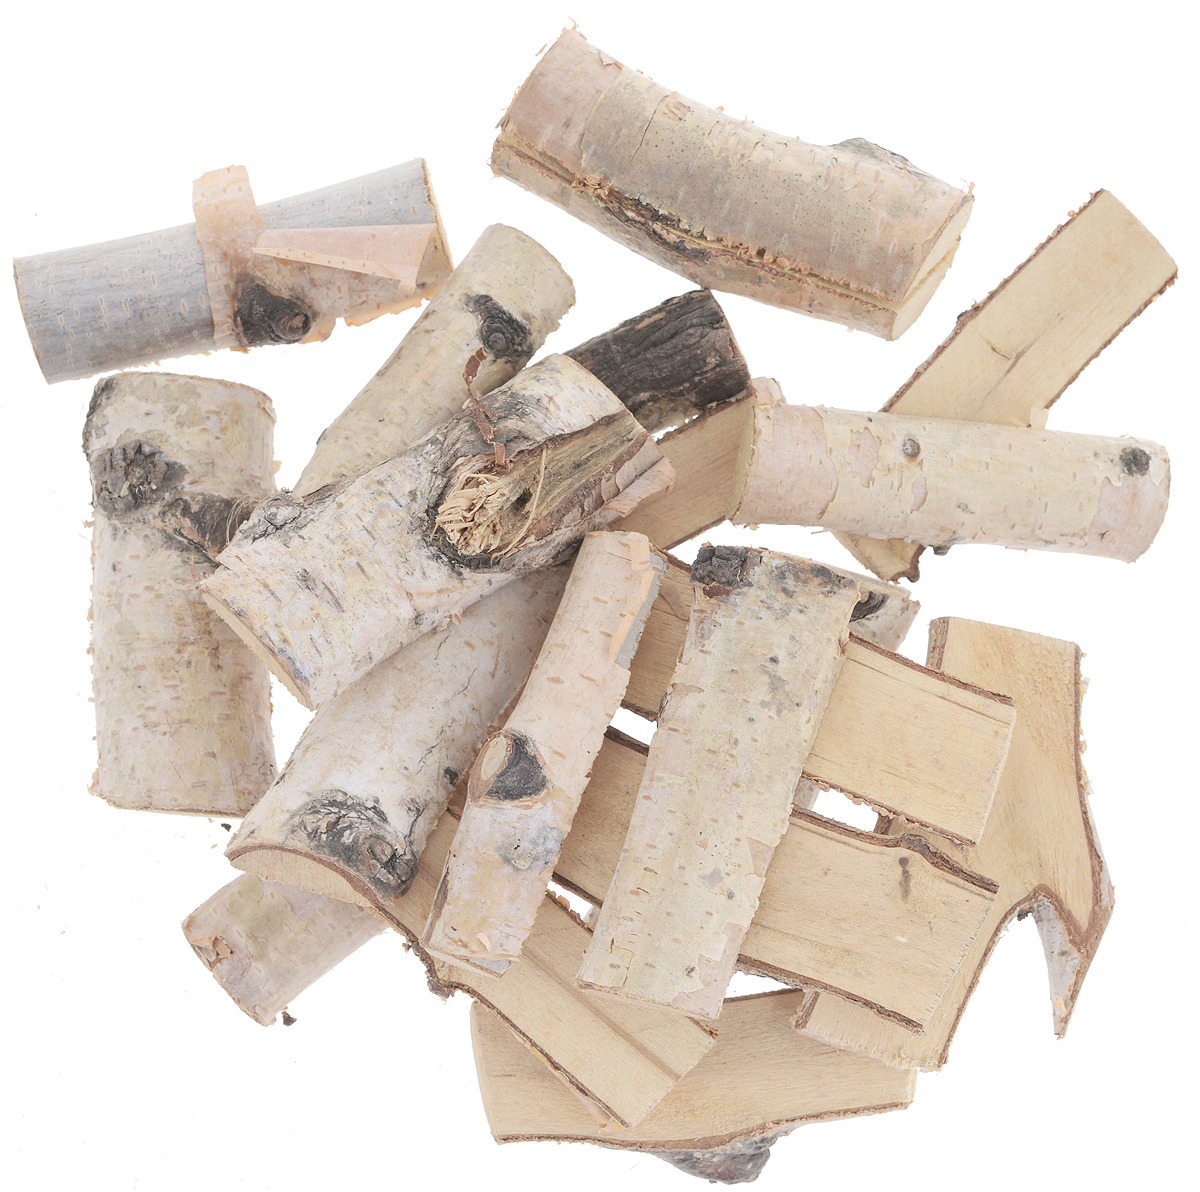 Декоративный элемент Dongjiang Art, цвет: натуральное дерево, длина 7 см, 250 г7708995_нат/деревоДекоративный элемент Dongjiang Art, изготовленный из натурального дерева, предназначен для украшения цветочных композиций. Изделие можно также использовать в технике скрапбукинг и многом другом. Флористика - вид декоративно-прикладного искусства, который использует живые, засушенные или консервированные природные материалы для создания флористических работ. Это целый мир, в котором есть место и строгому математическому расчету, и вдохновению.Средний размер элементов: 7 см х 2,5 см х 1 см.